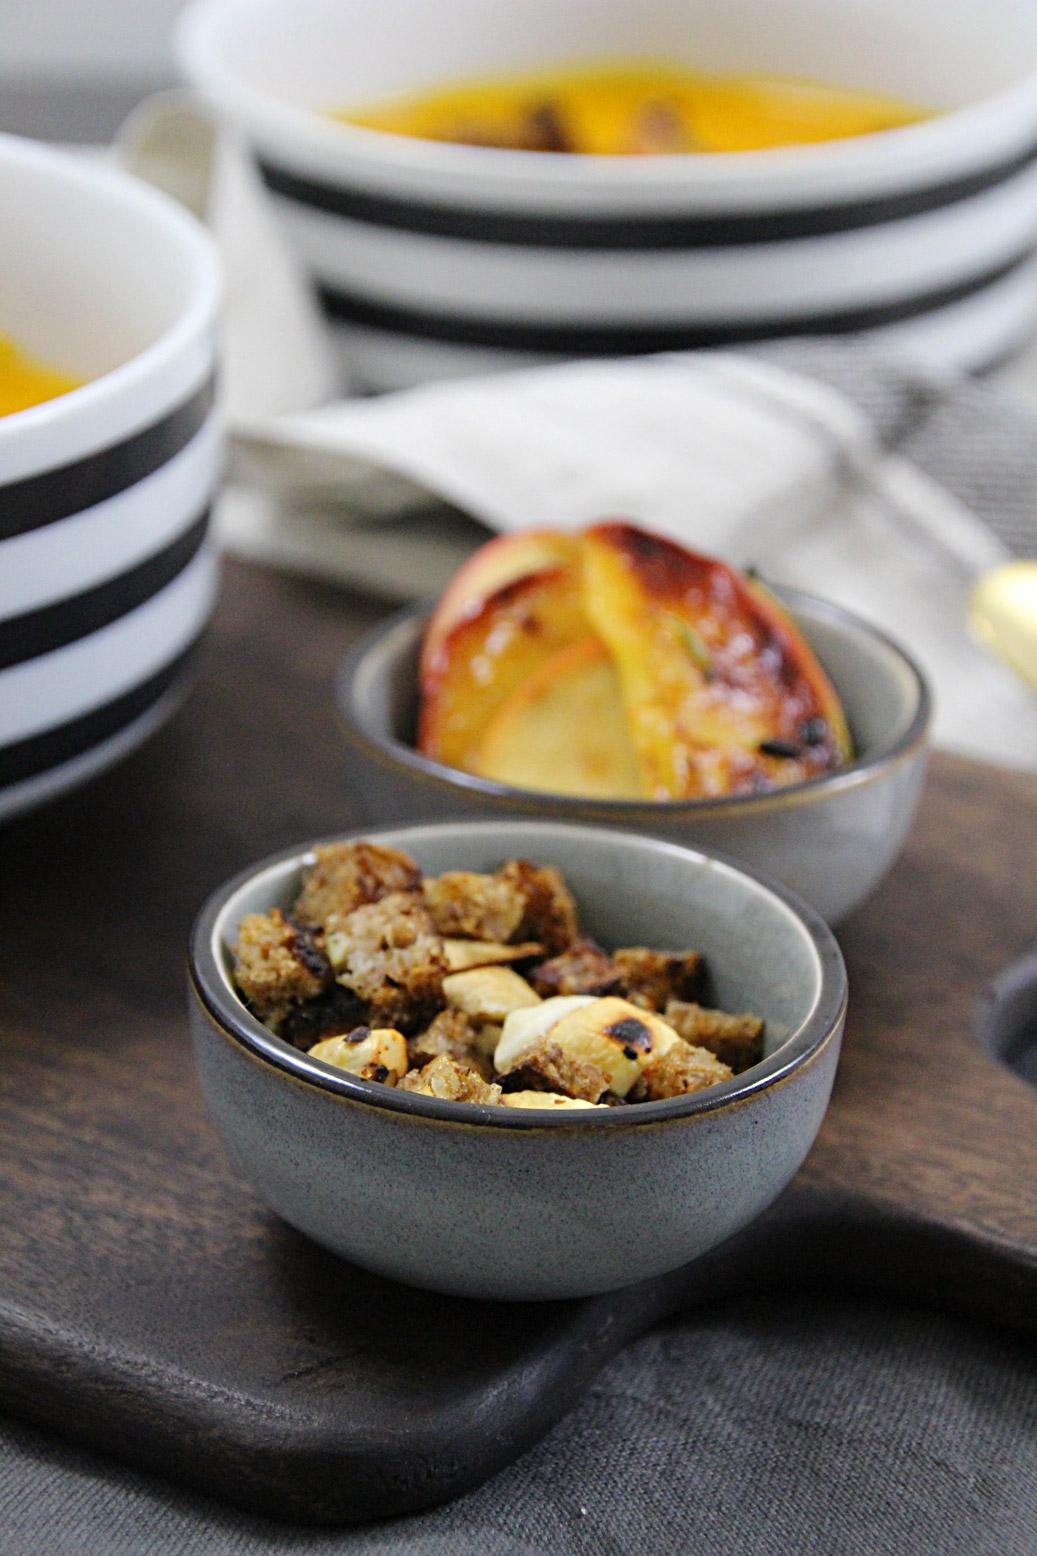 Kürbis-Cheddarsuppe mit Croutons und karamellisierten Äpfeln